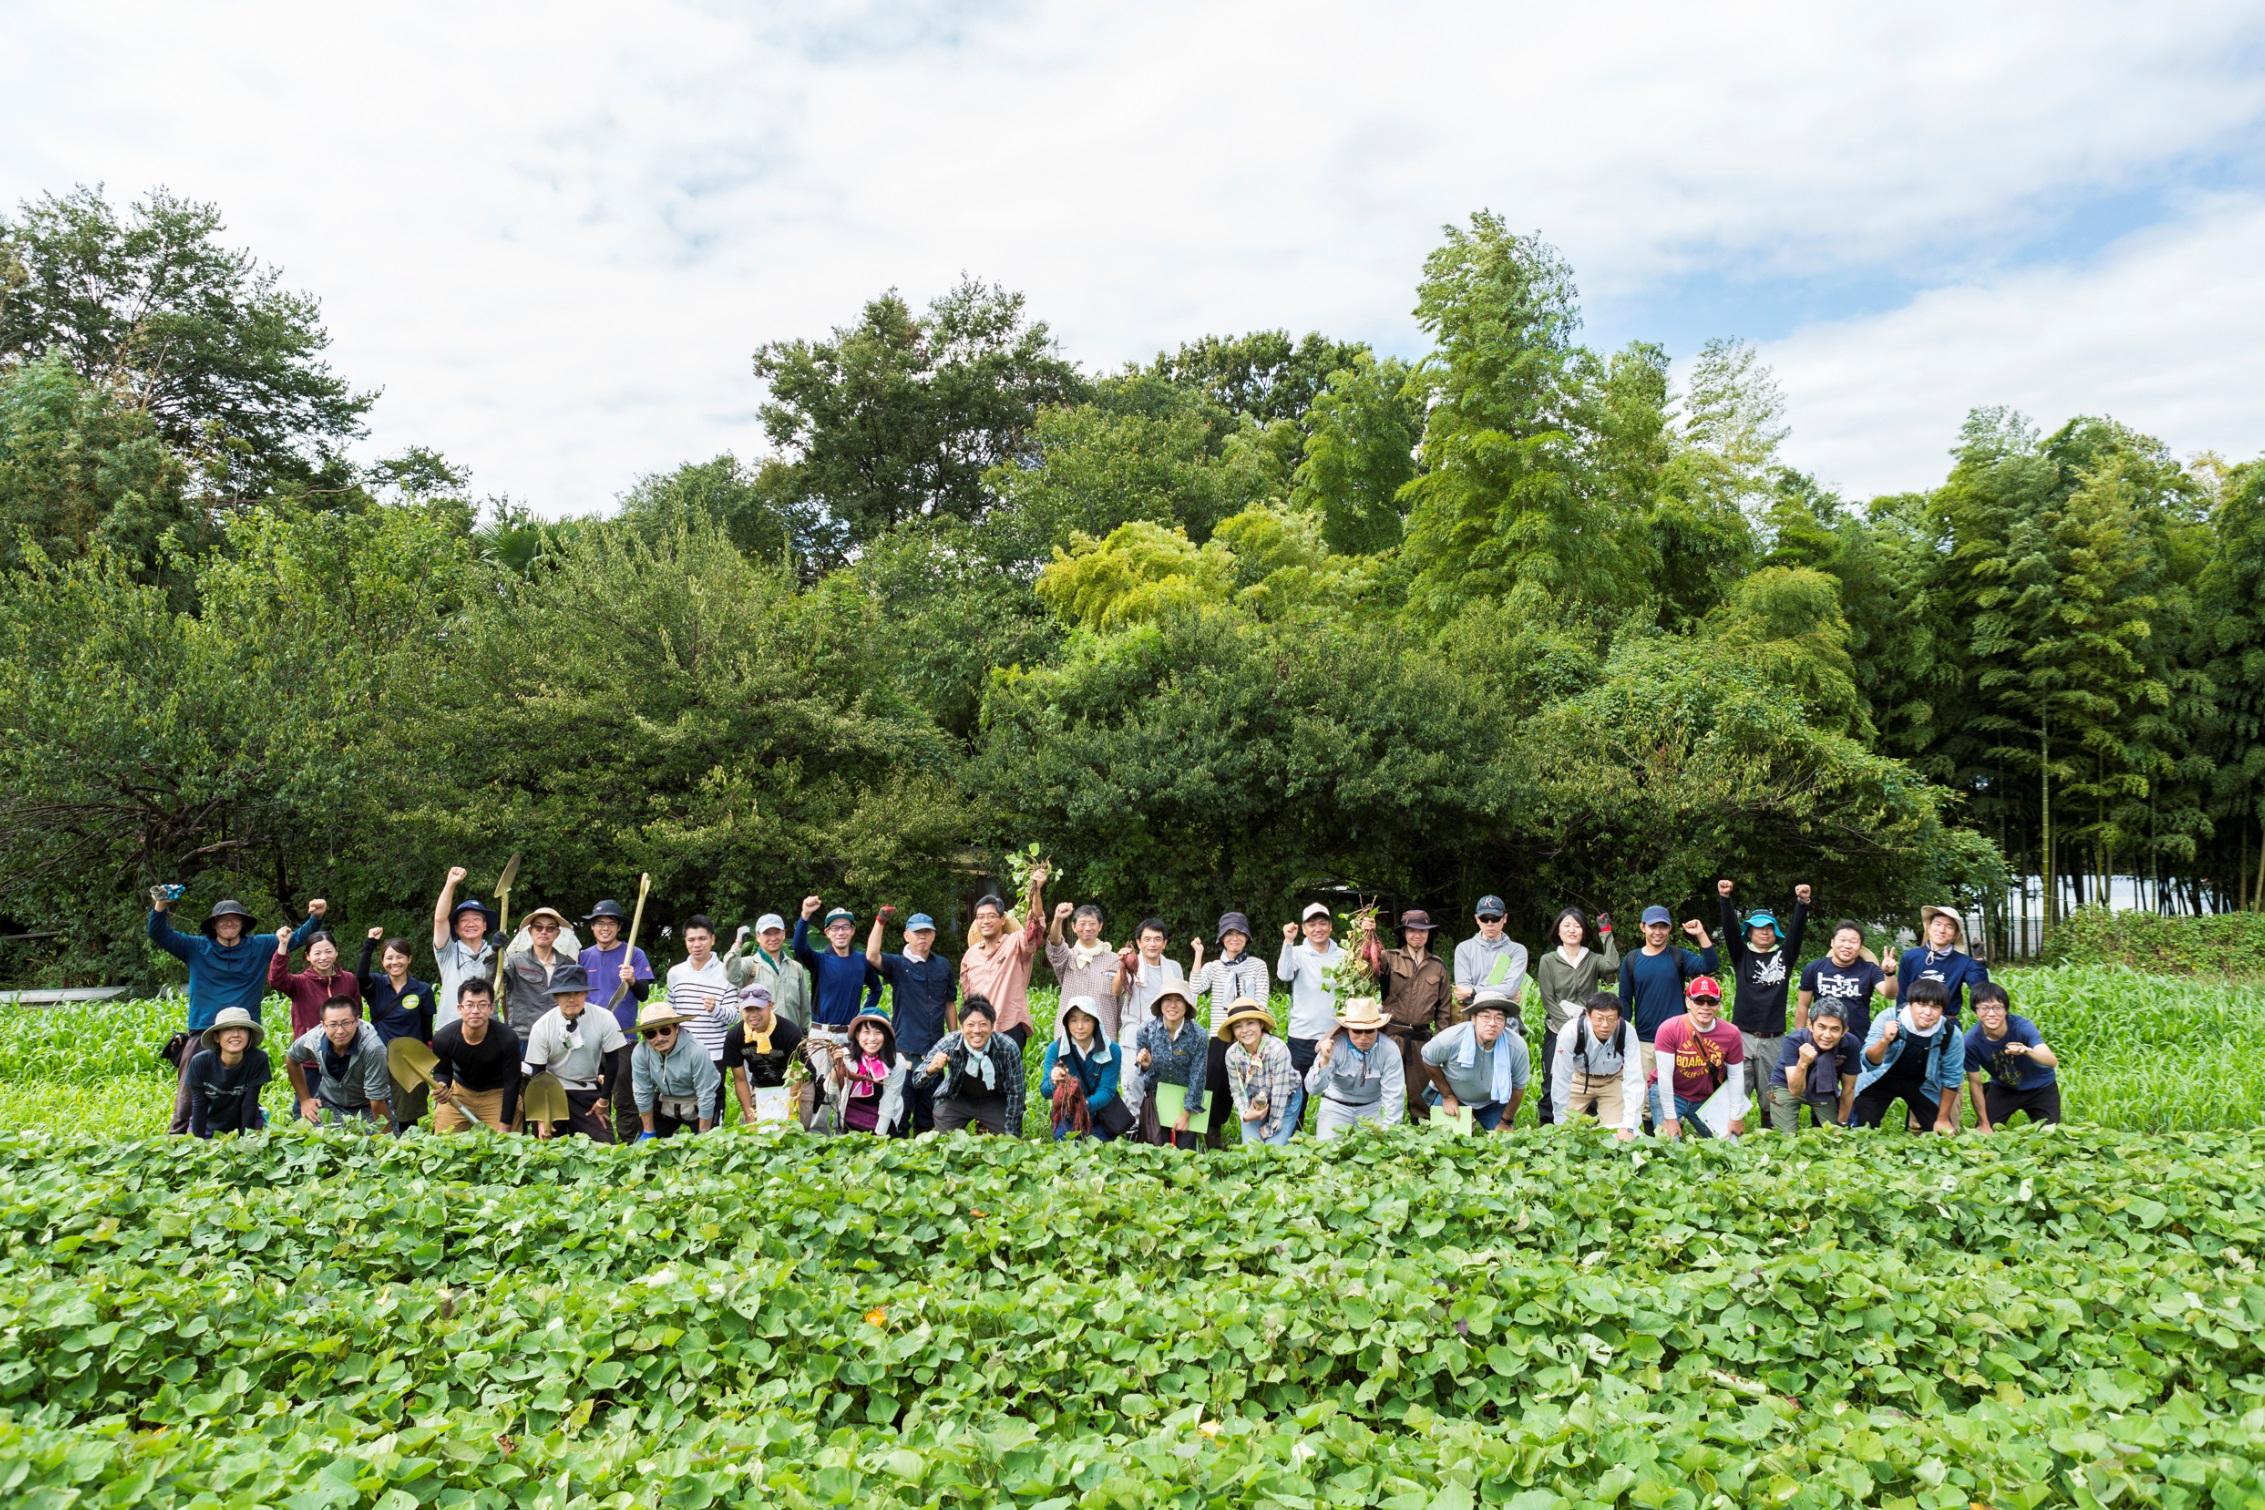 マイファームタイムス 2019年を振り返る「台風 大雨の被害を受けた昨今、日本の農業は再生されるのか」